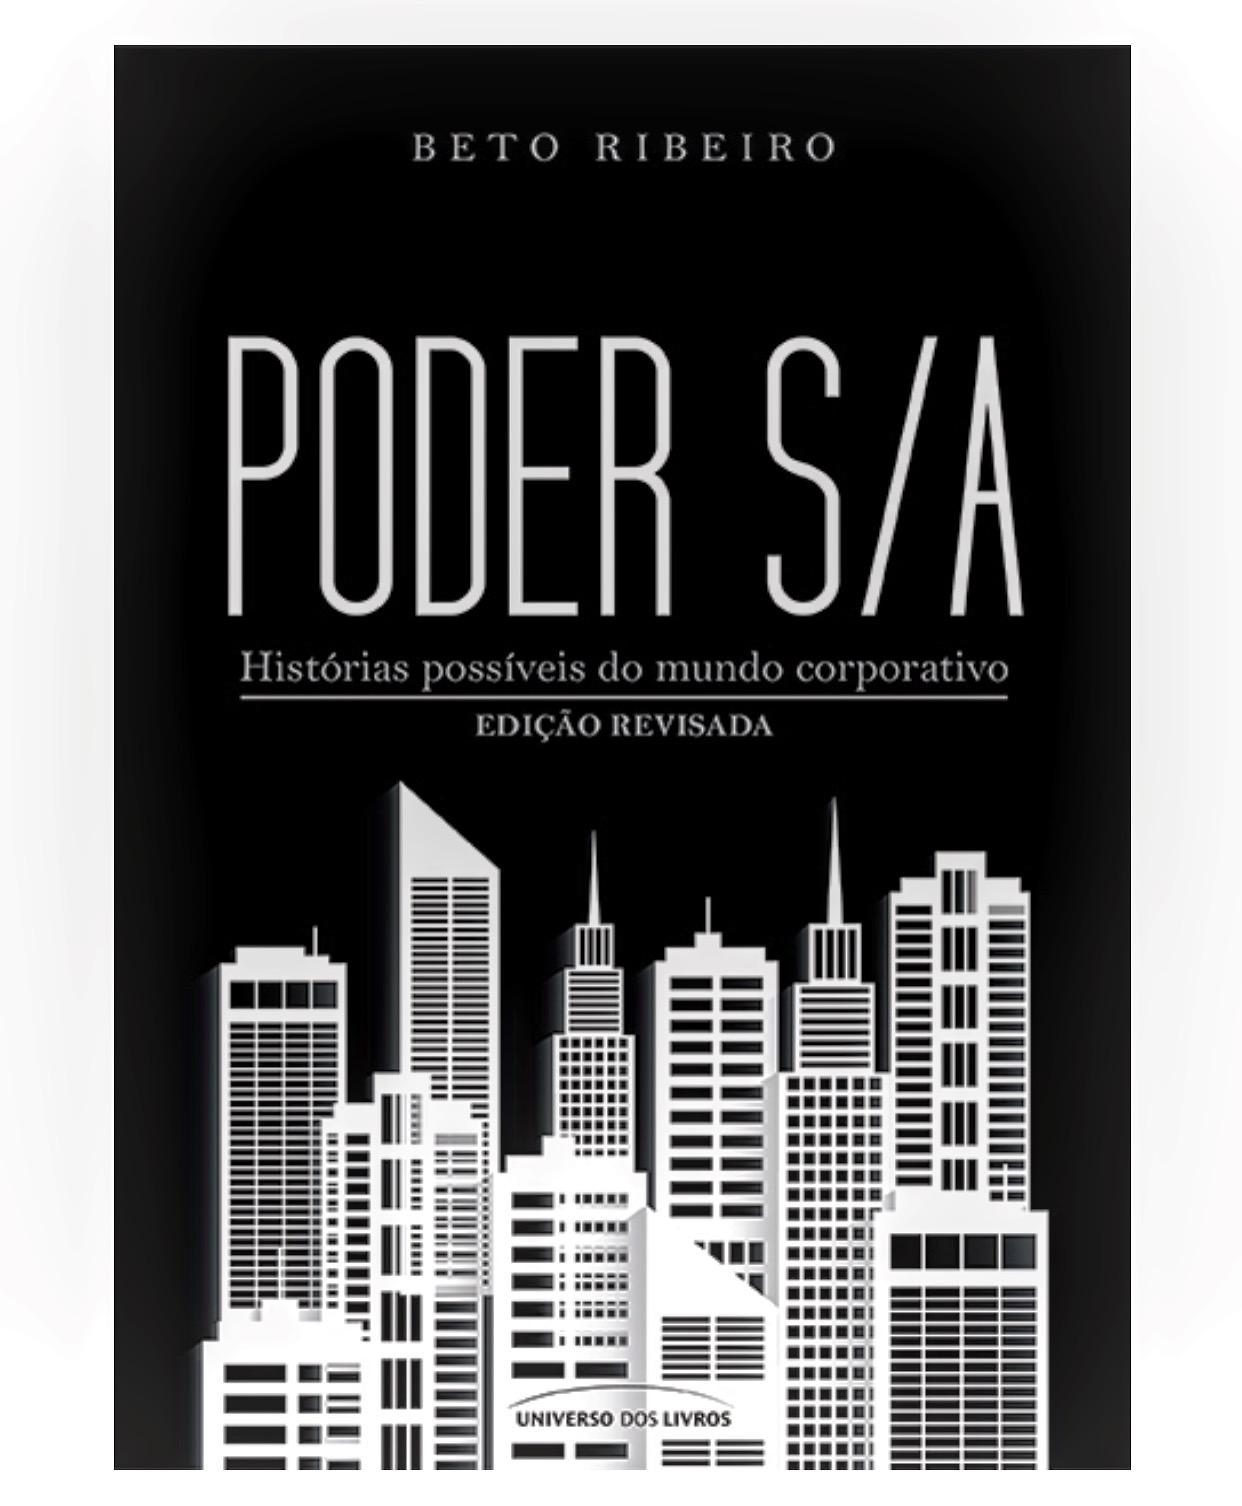 NOVO Livro Poder S/A